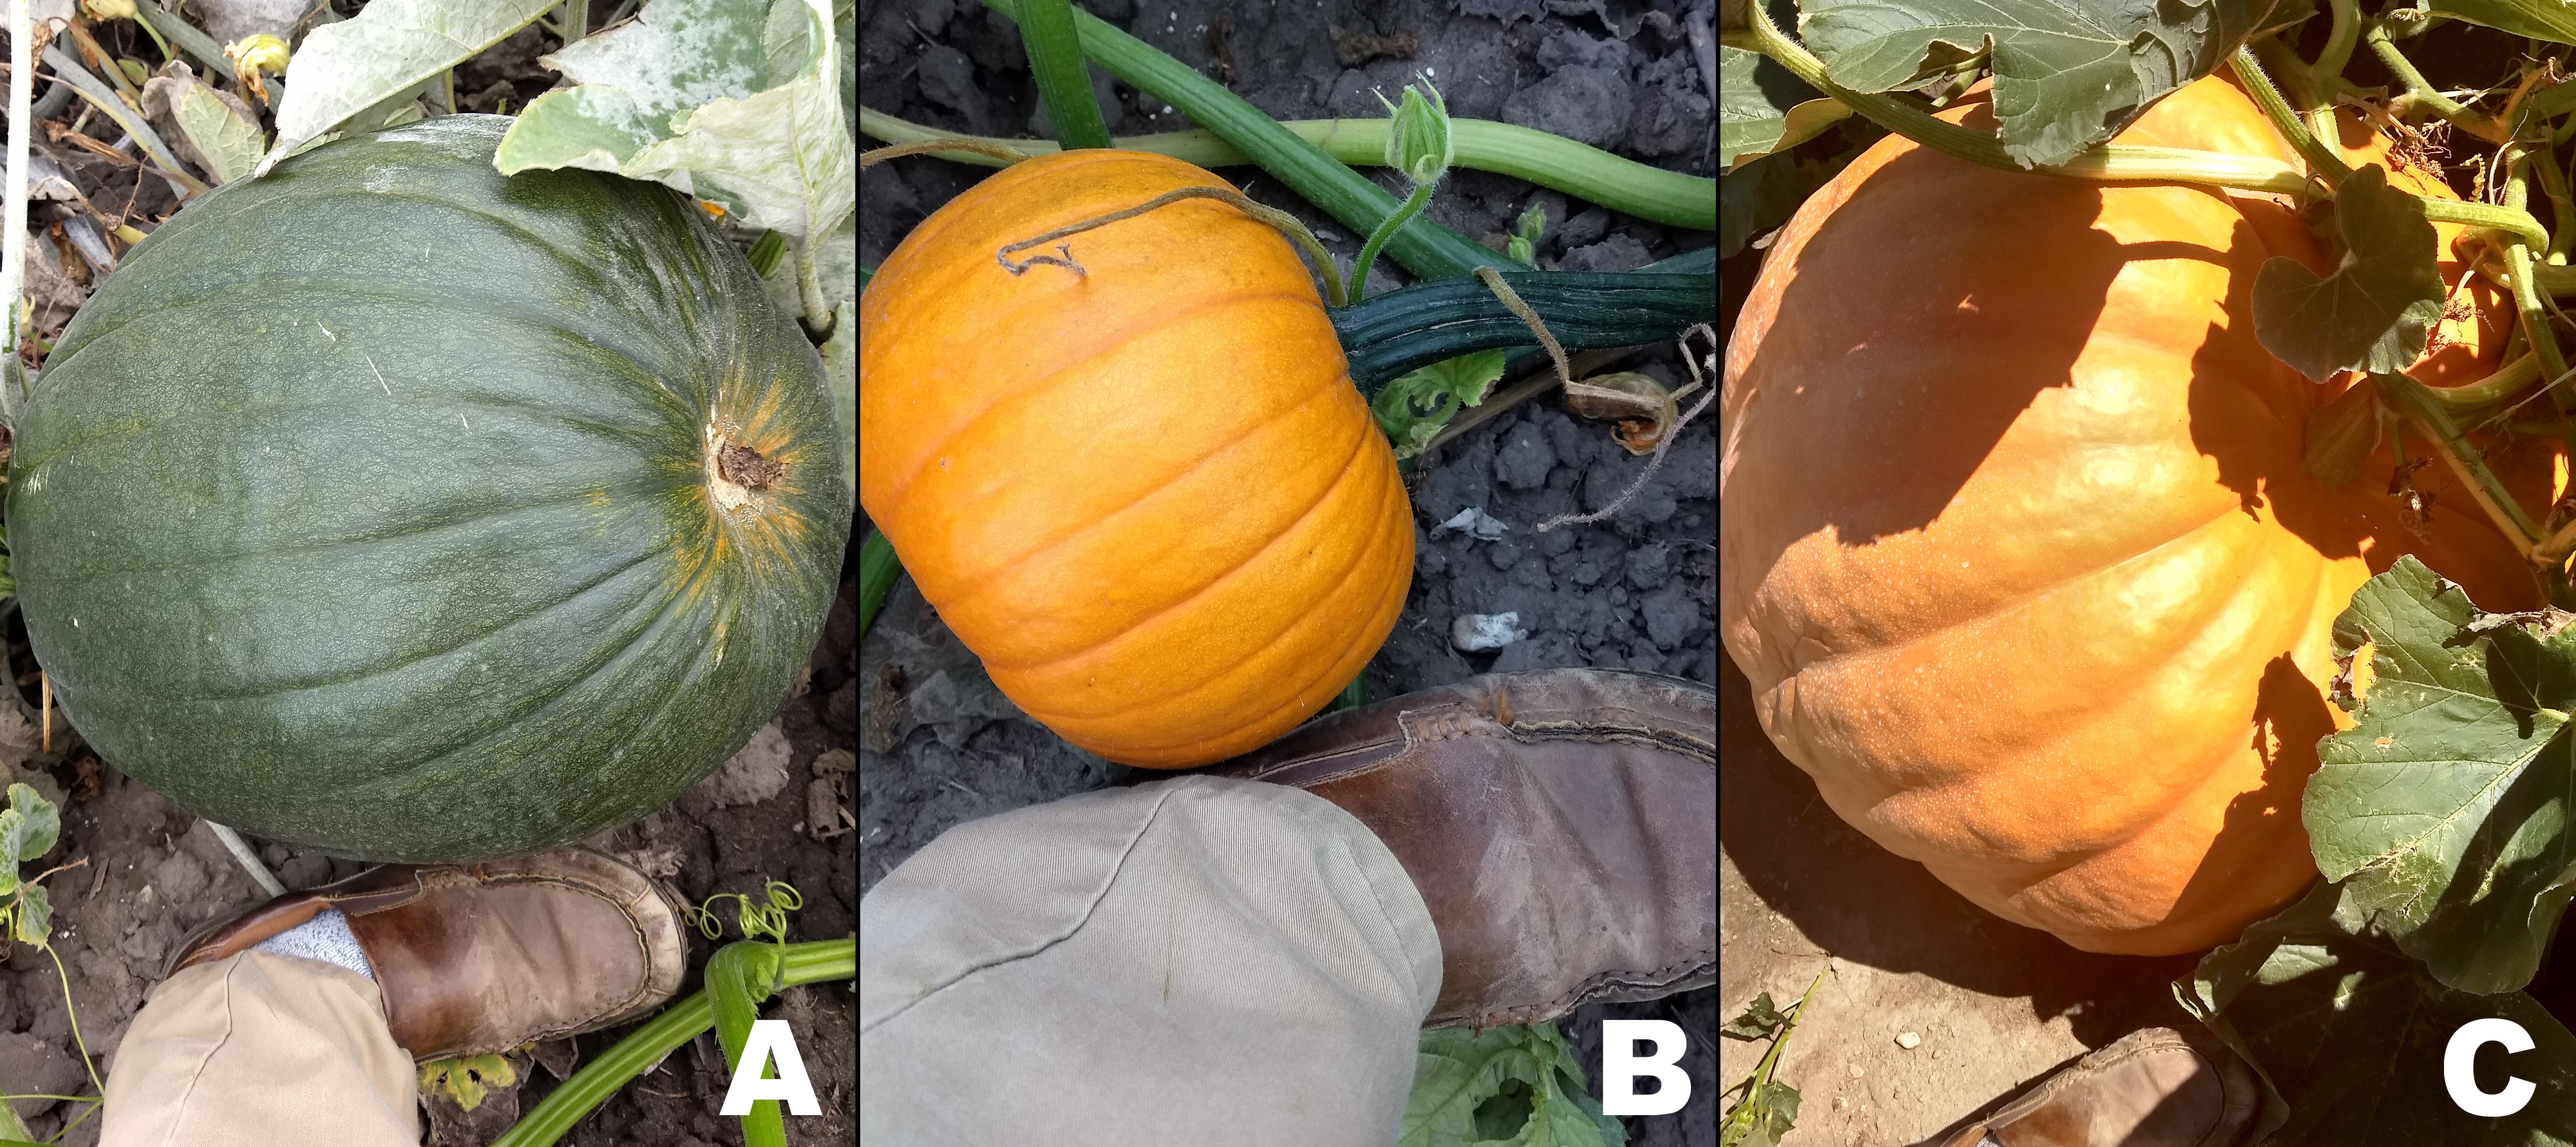 All three pumpkins will make it